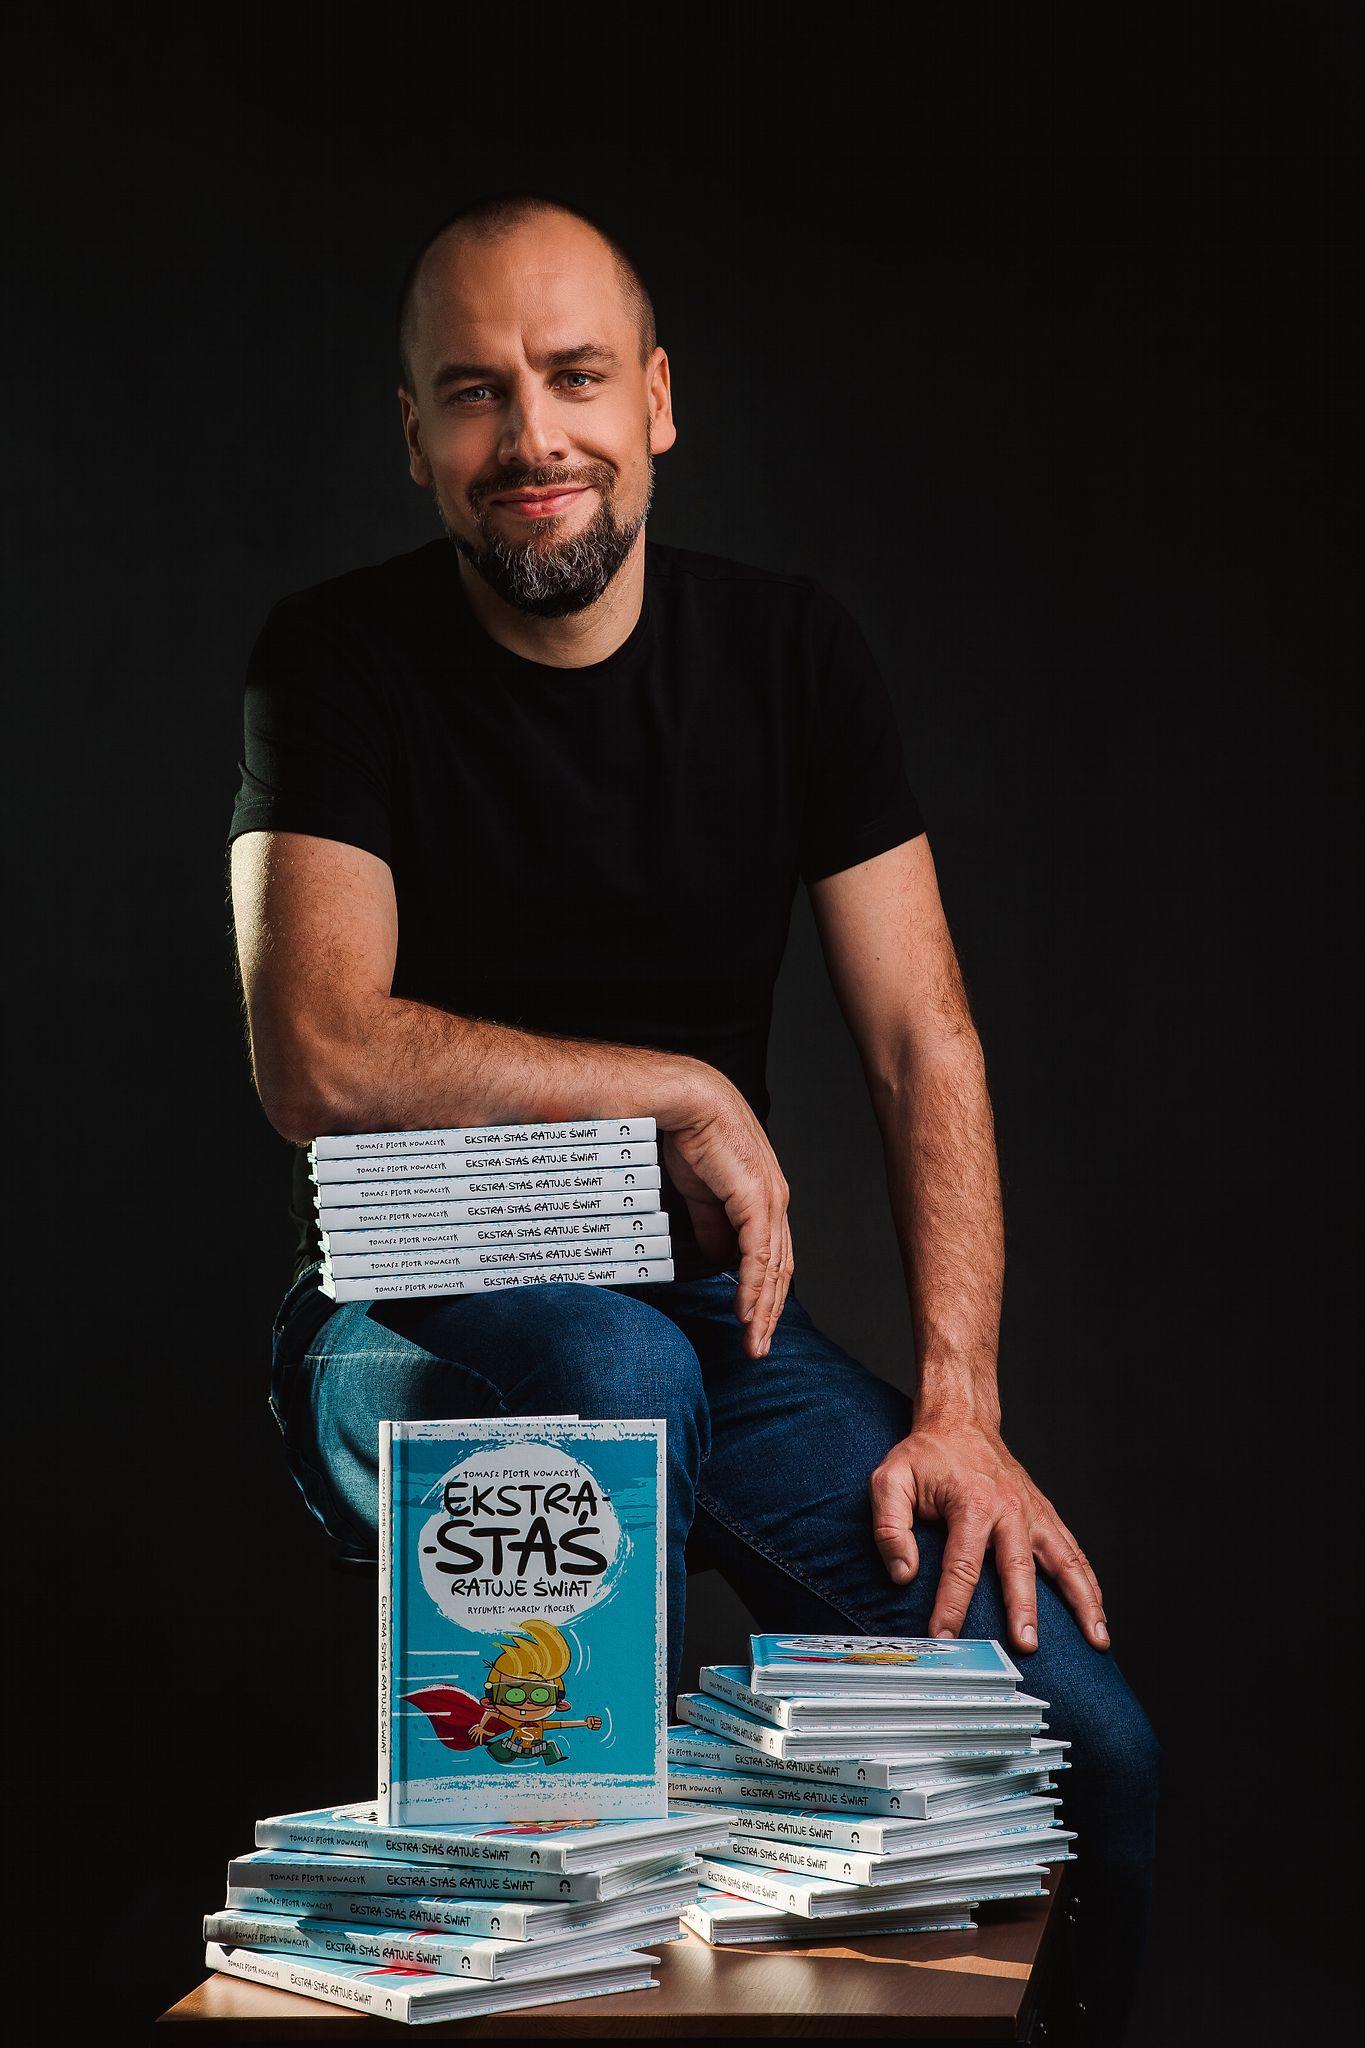 Premiera książki – Ekstra-Staś ratuje świat autorstwa Tomasza Piotra Nowaczyka